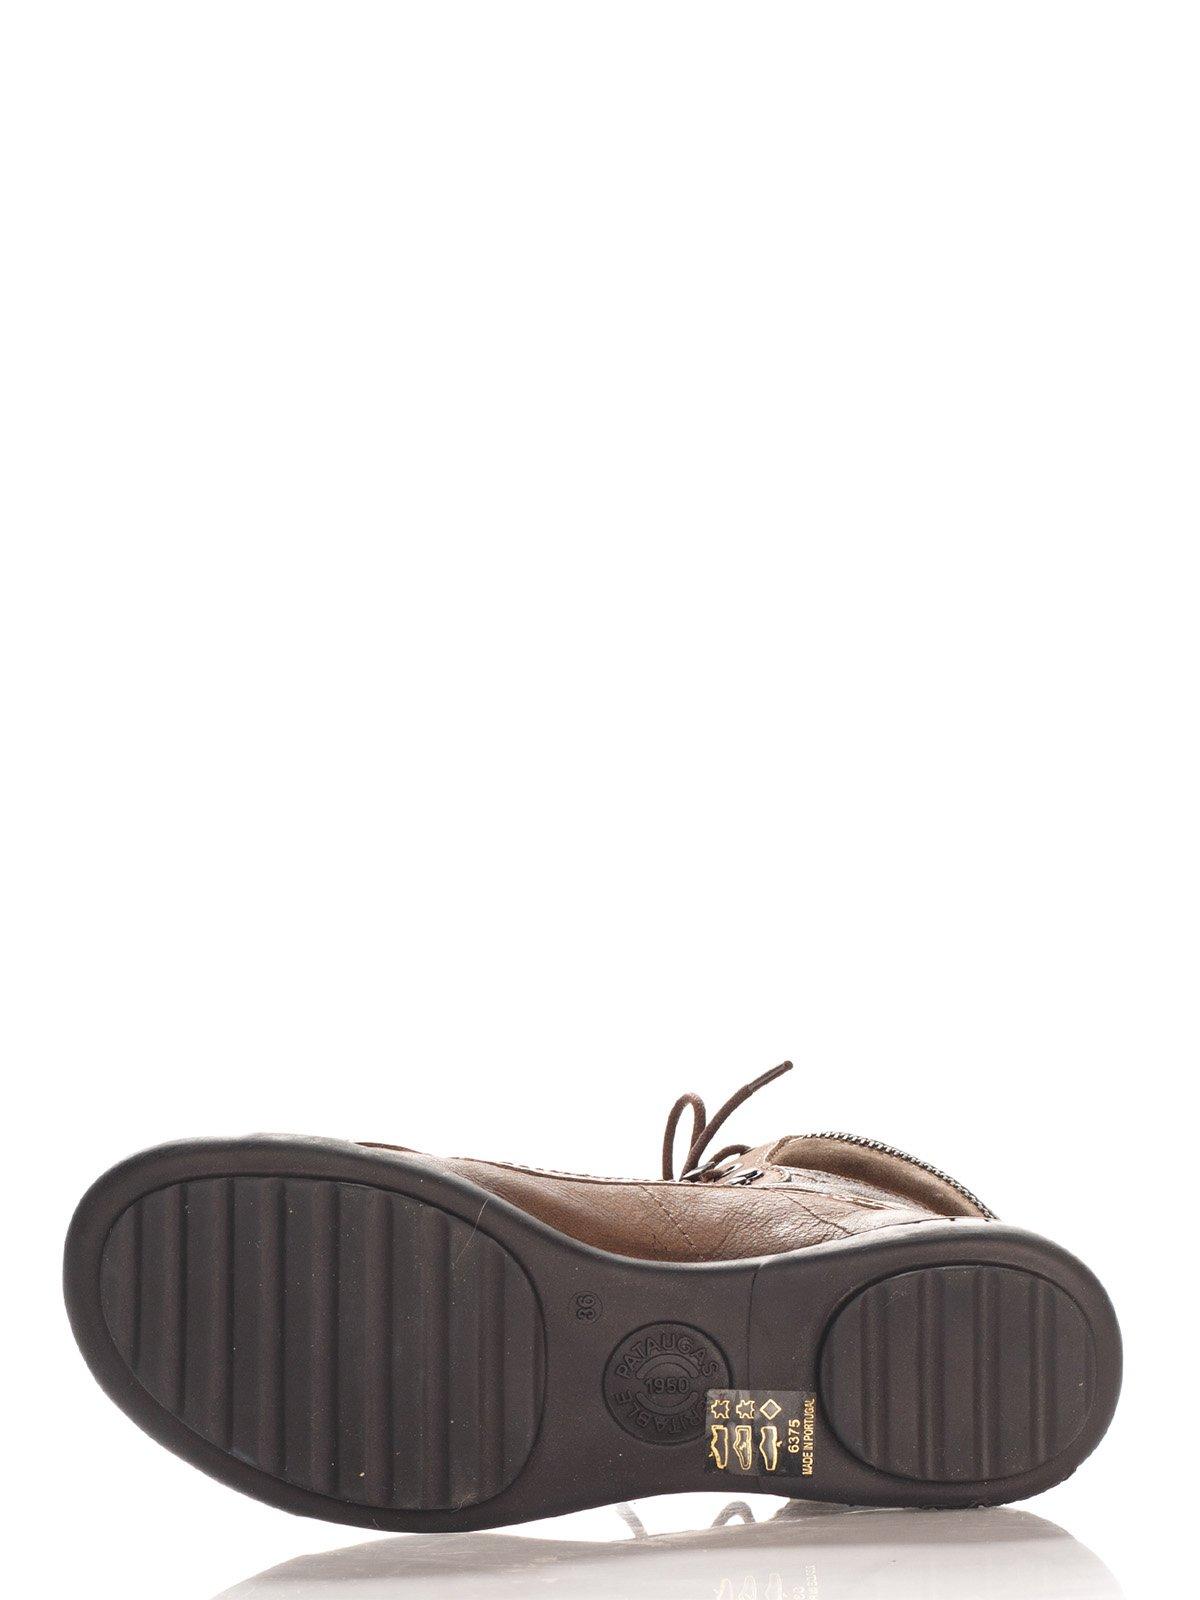 Ботинки коричневые | 4123813 | фото 4